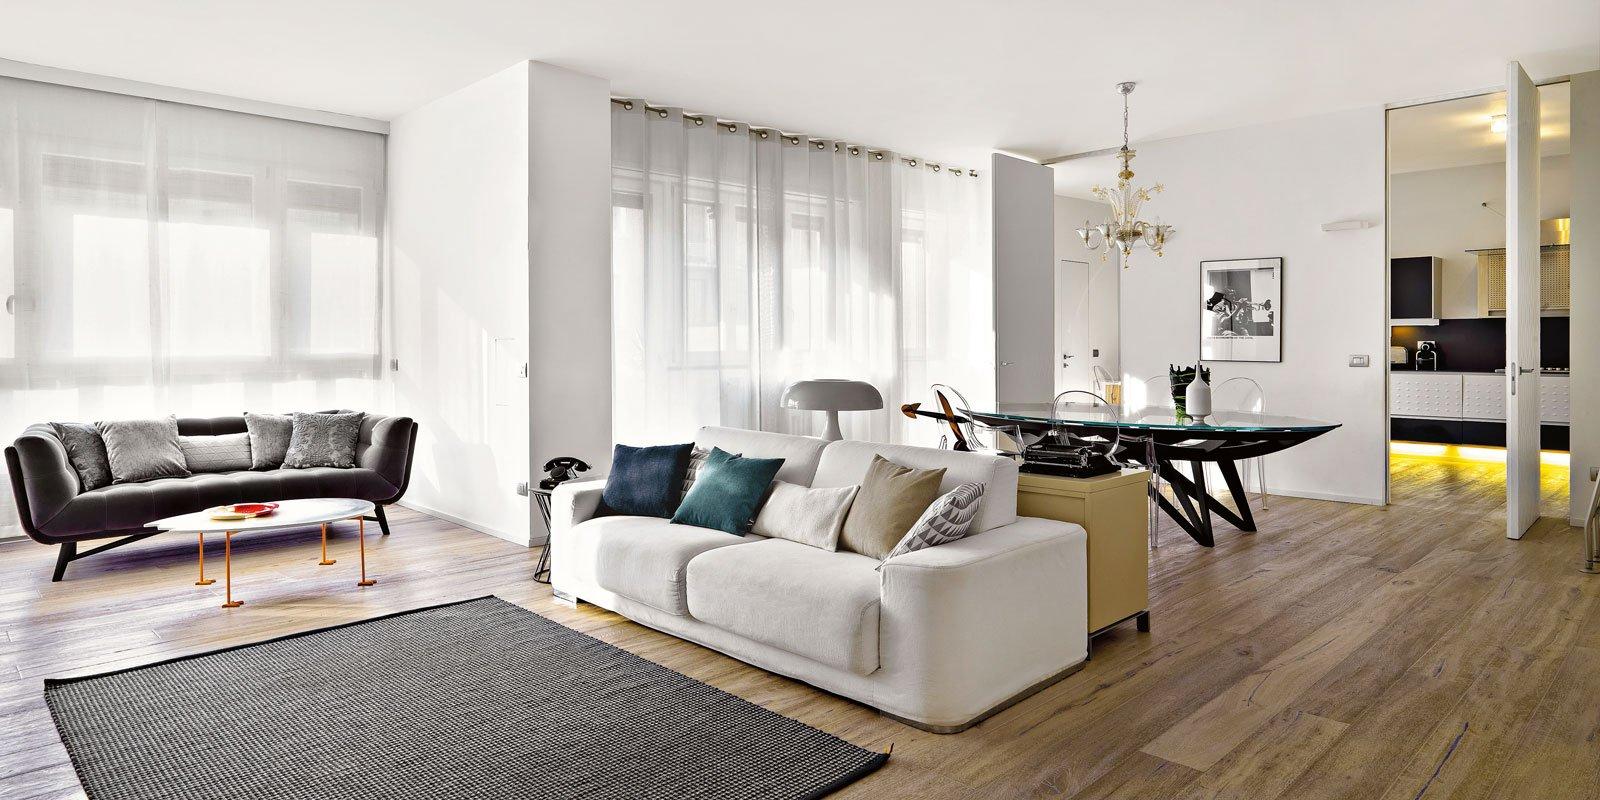 150 mq tutti da copiare dalla divisione soggiorno cucina for Progetti di interni case moderne